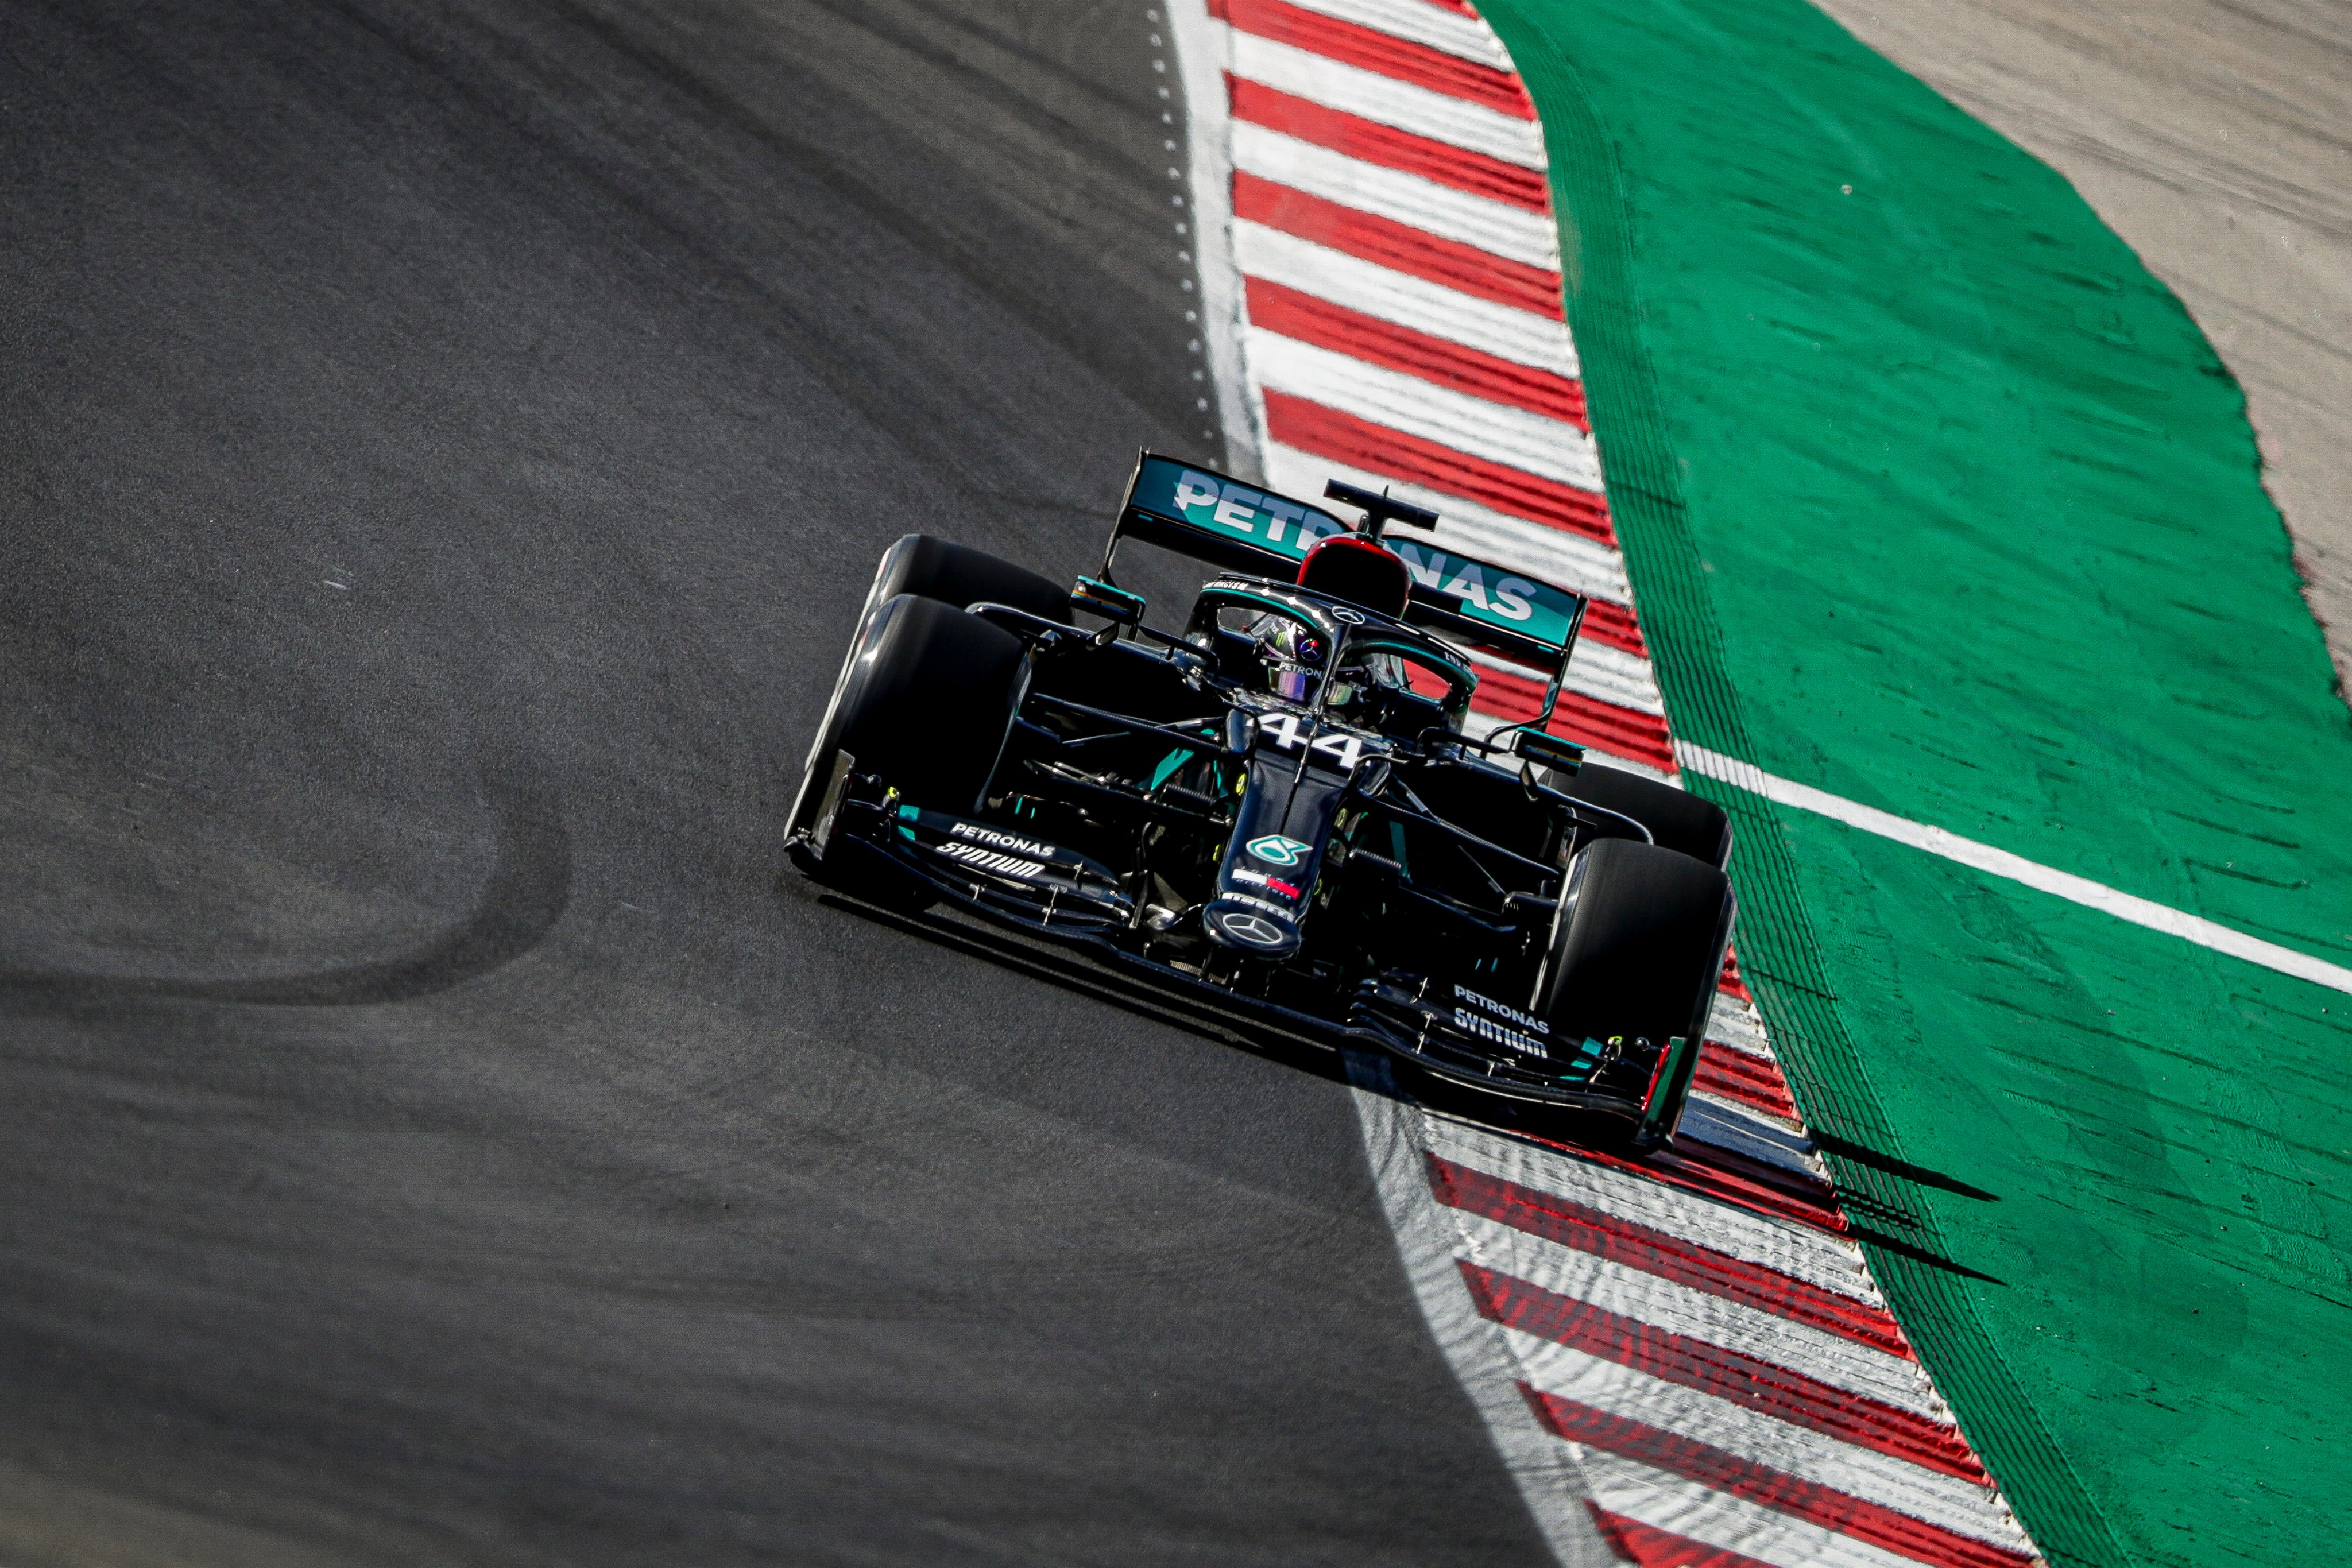 Nueva pole position ...